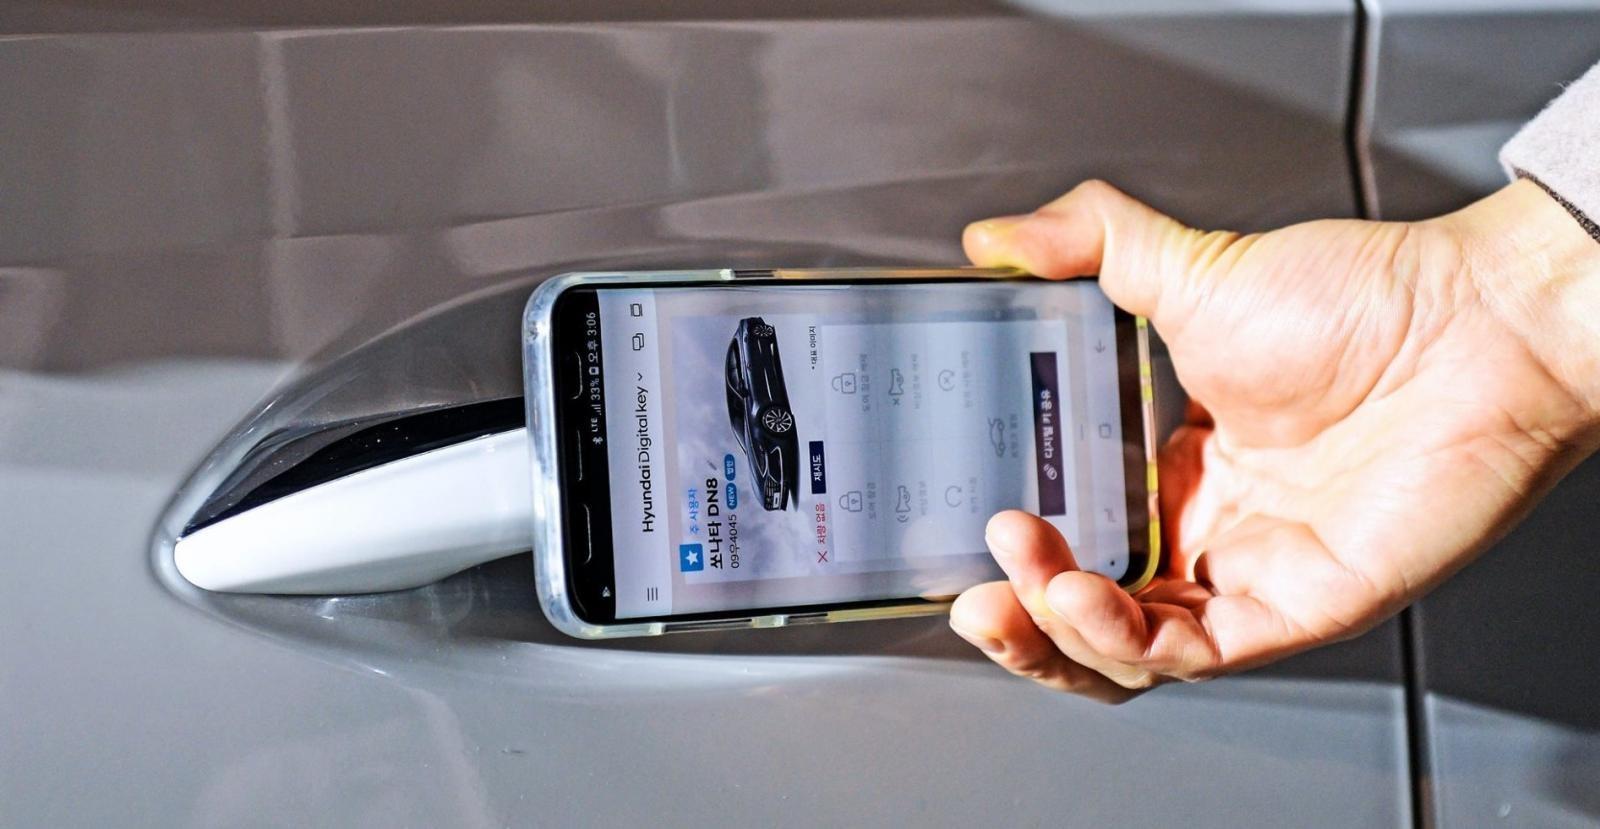 Digital Key là một trong những công nghệ mới nổi bật nhất của Hyundai Sonata 2020